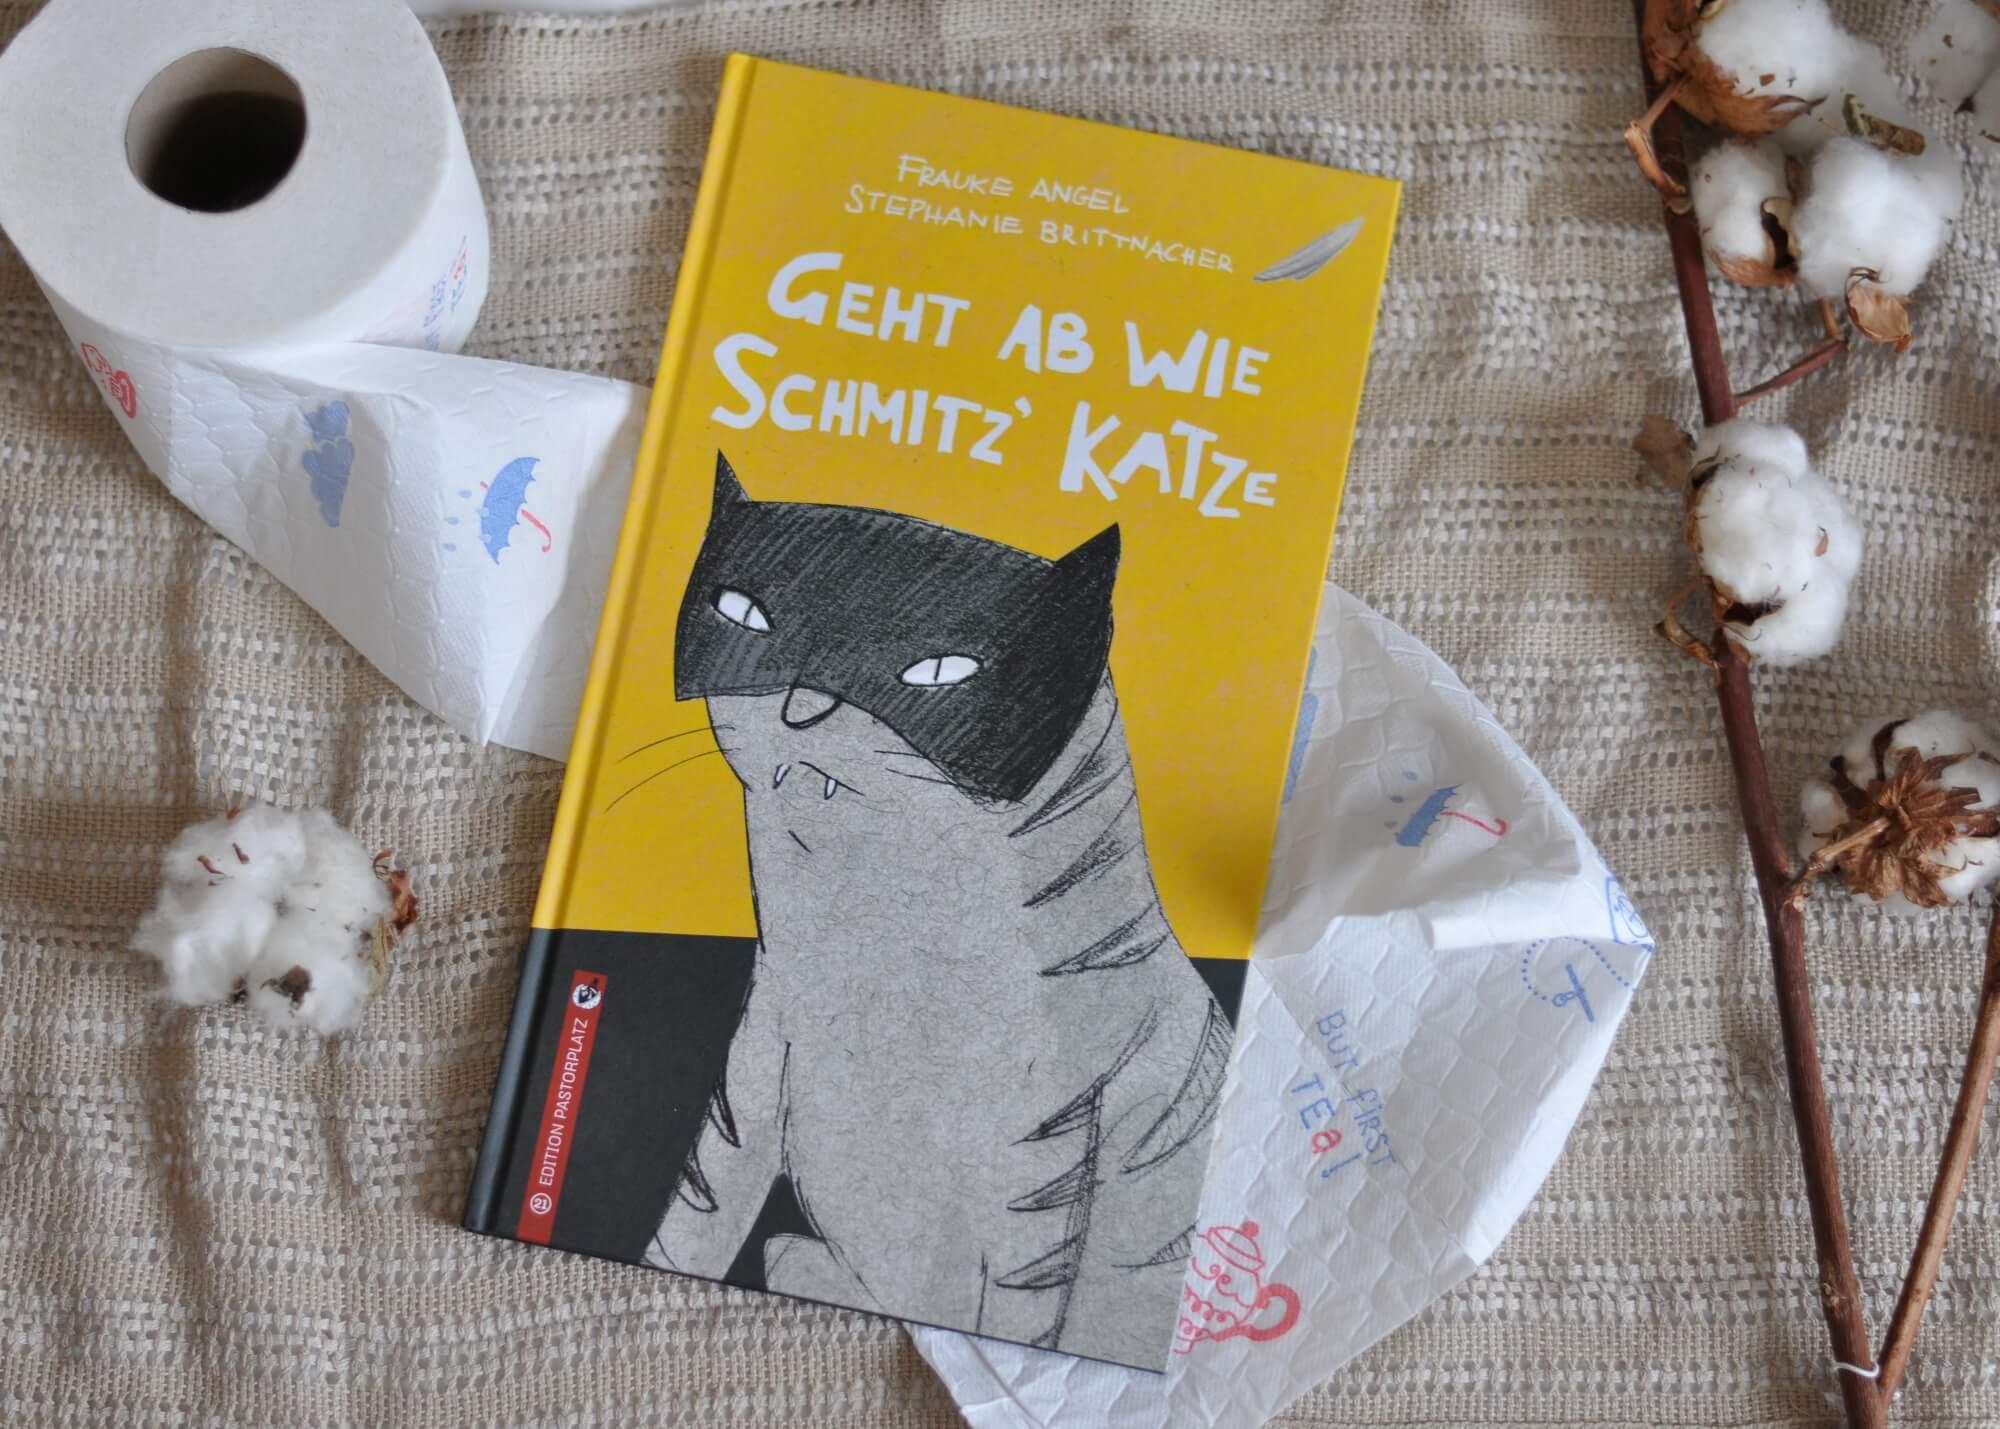 Mama Schmitz streikt! Und alles fing damit an, dass Schmitz' Katze auf den Küchenboden gekotzt und Papa Schmitz eine dumme Bemerkung gemacht hat. Und nun hat Moritz, seine Zwillingsgeschwister und sein Papa den Salat: Mama hat ihre Forderungen in einem Brief hinterlassen und es sich im Garten gemütlich gemacht. #vorlesen #familie #alltag #mama #mentaload #haushalt #helfen #regeln #lesen